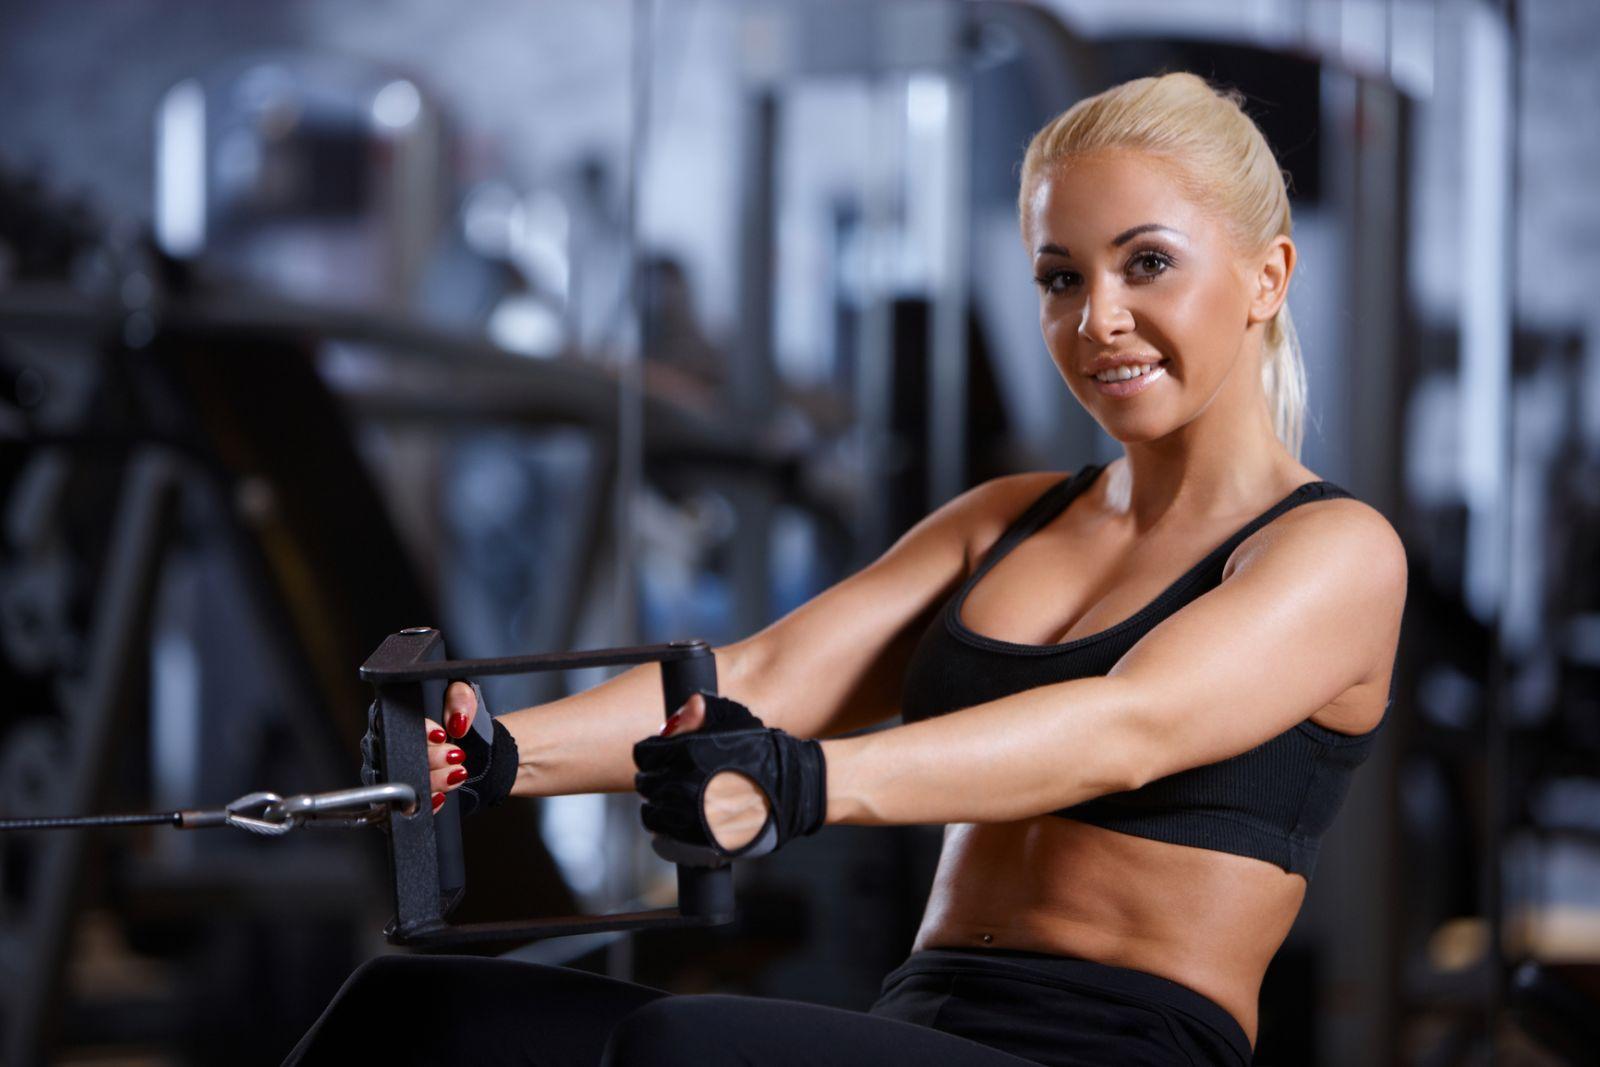 Как женщине не перекачать мышцы - фото №1